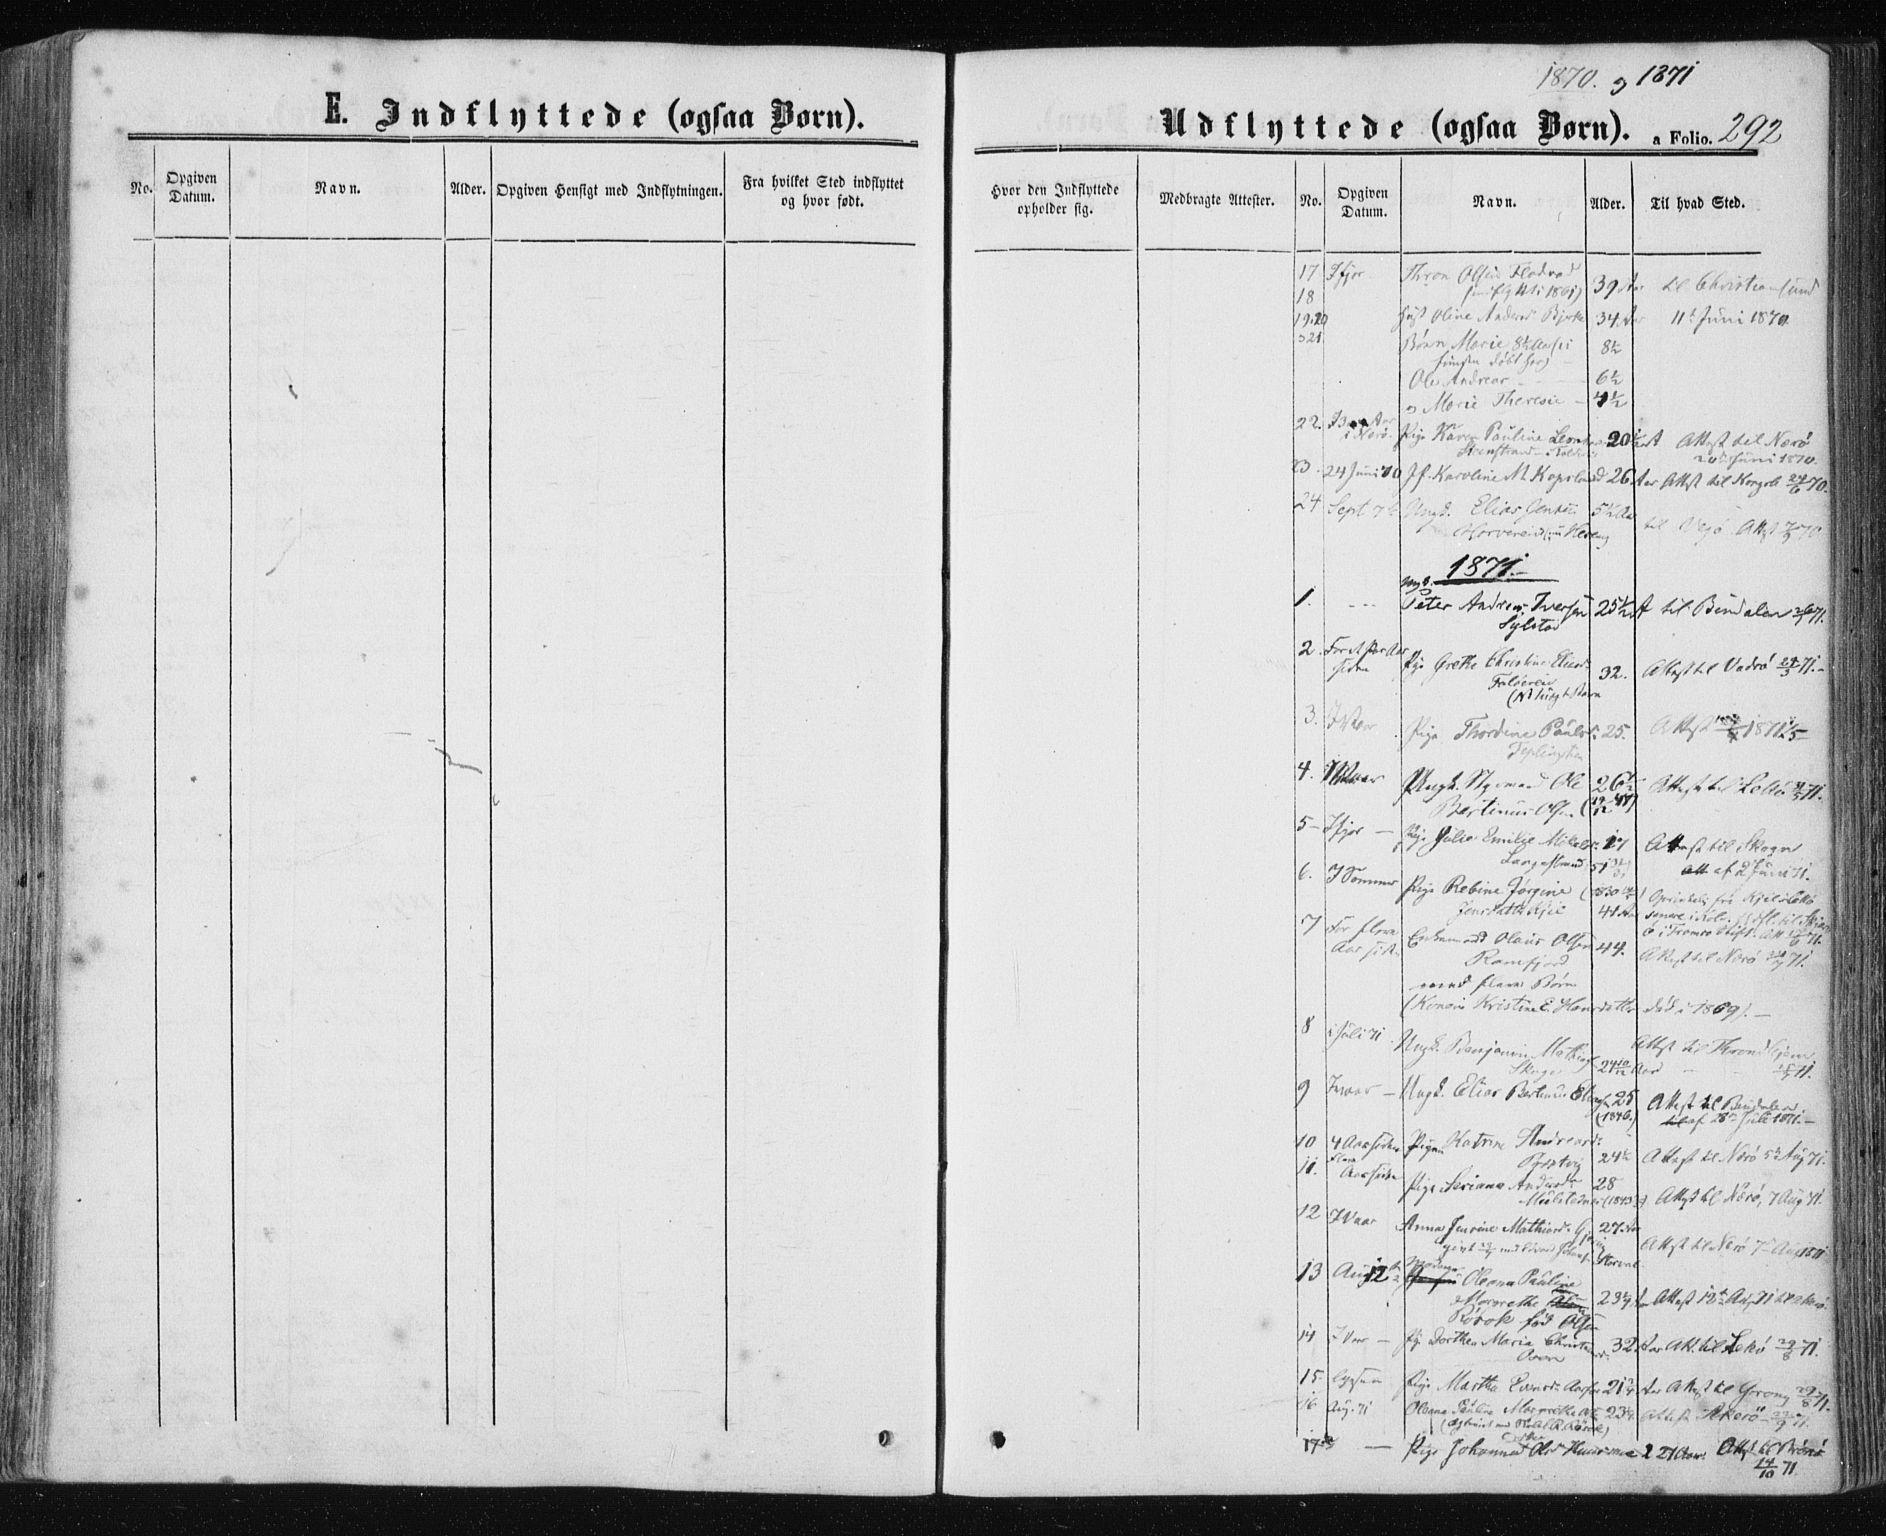 SAT, Ministerialprotokoller, klokkerbøker og fødselsregistre - Nord-Trøndelag, 780/L0641: Ministerialbok nr. 780A06, 1857-1874, s. 292